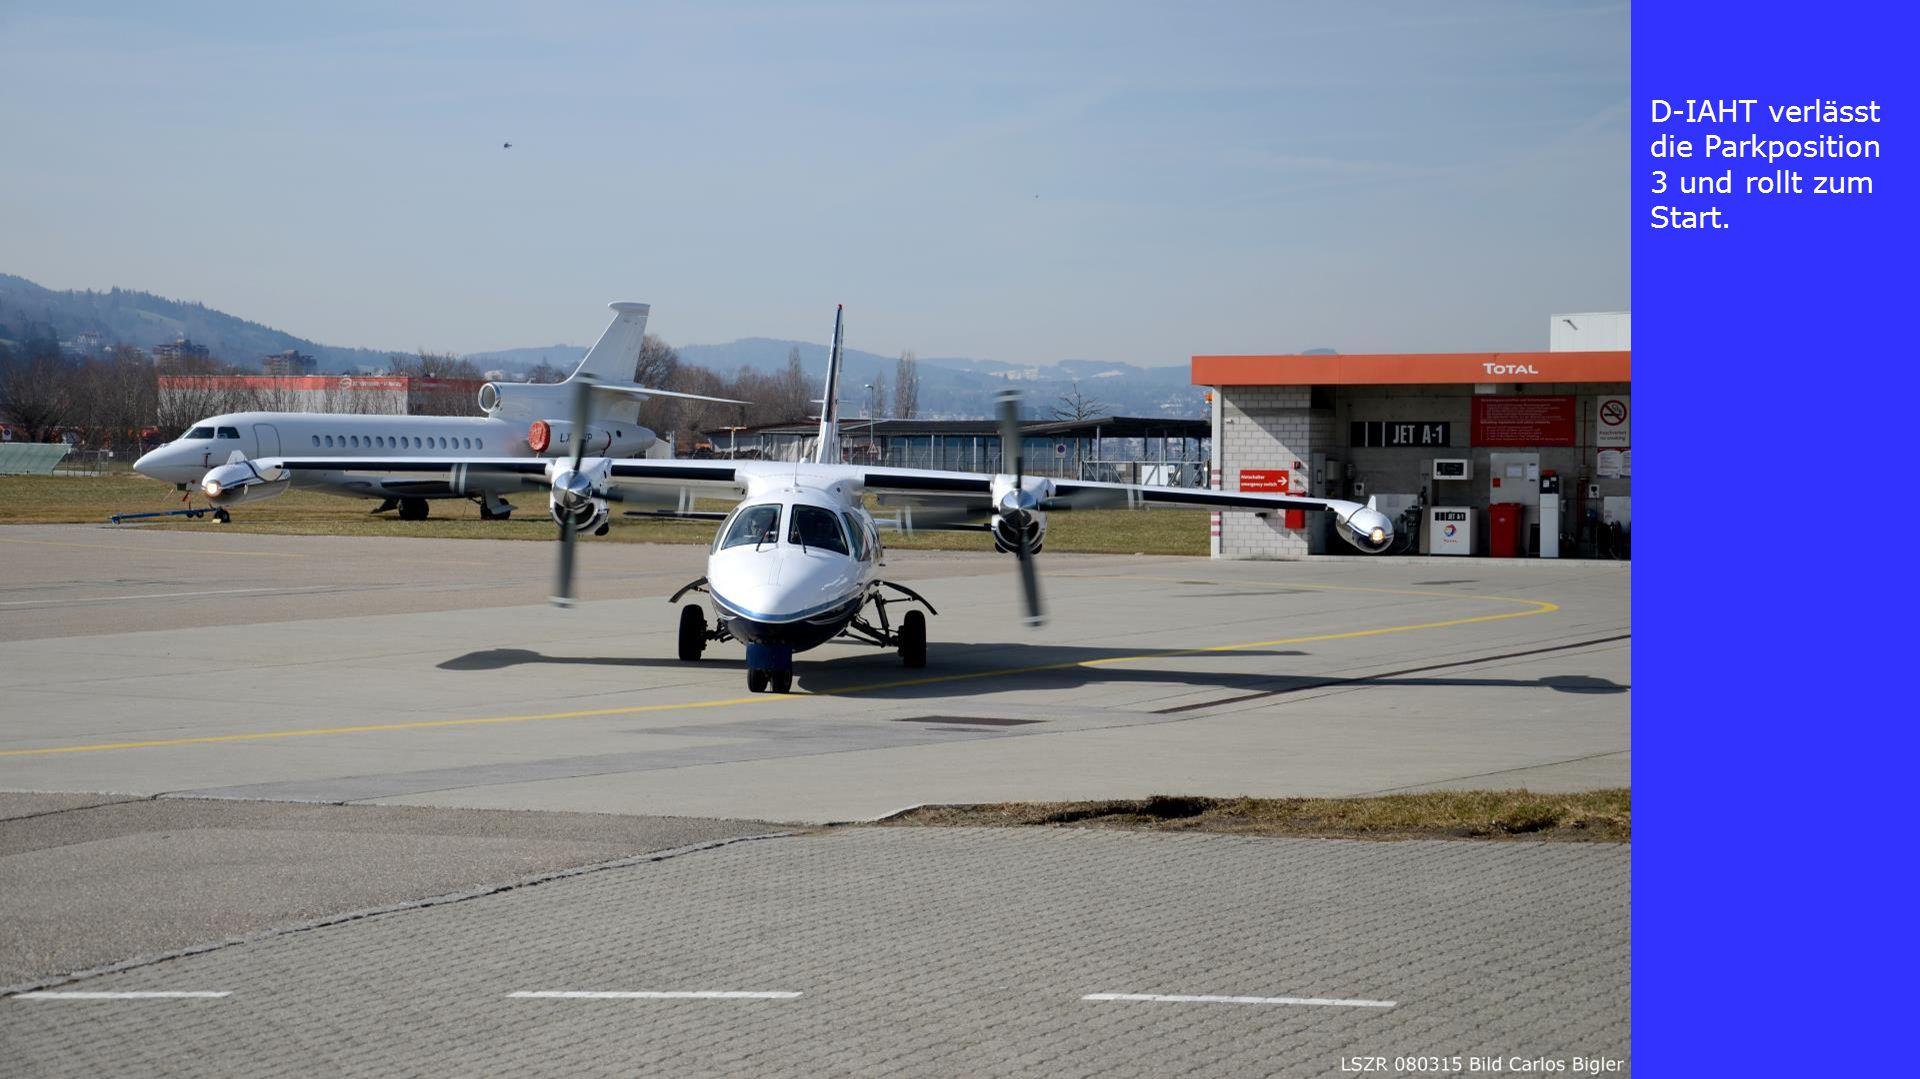 LX-ZXP Dassault Falcon 7X Erstflug 2005 23 m lang 26 m breit und das mit max. 31 Tonnen